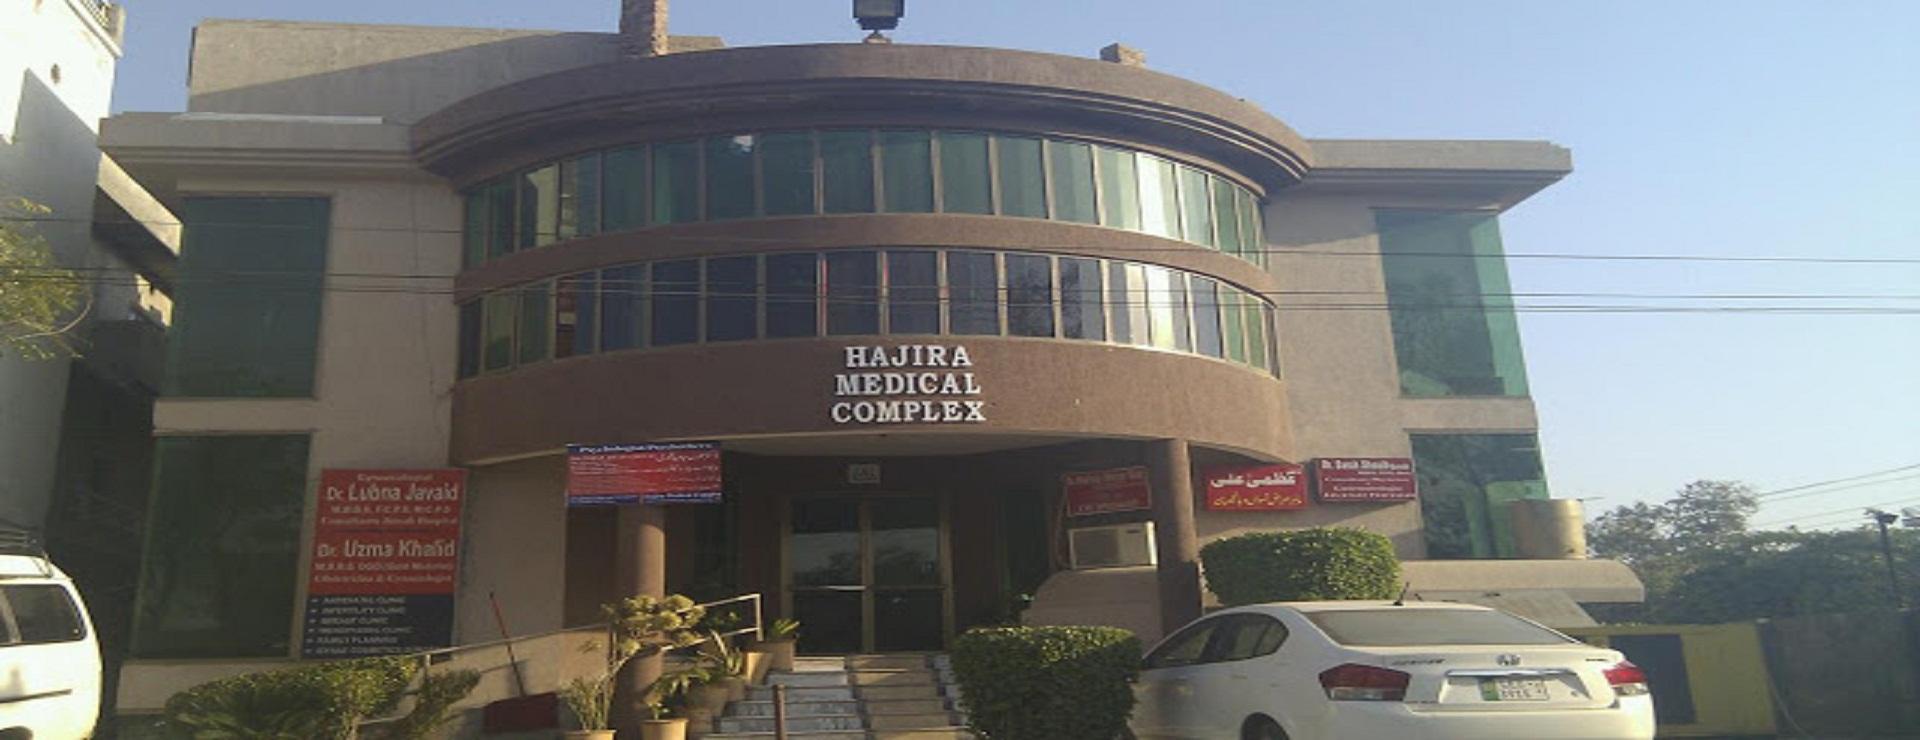 Hajira medical complex front